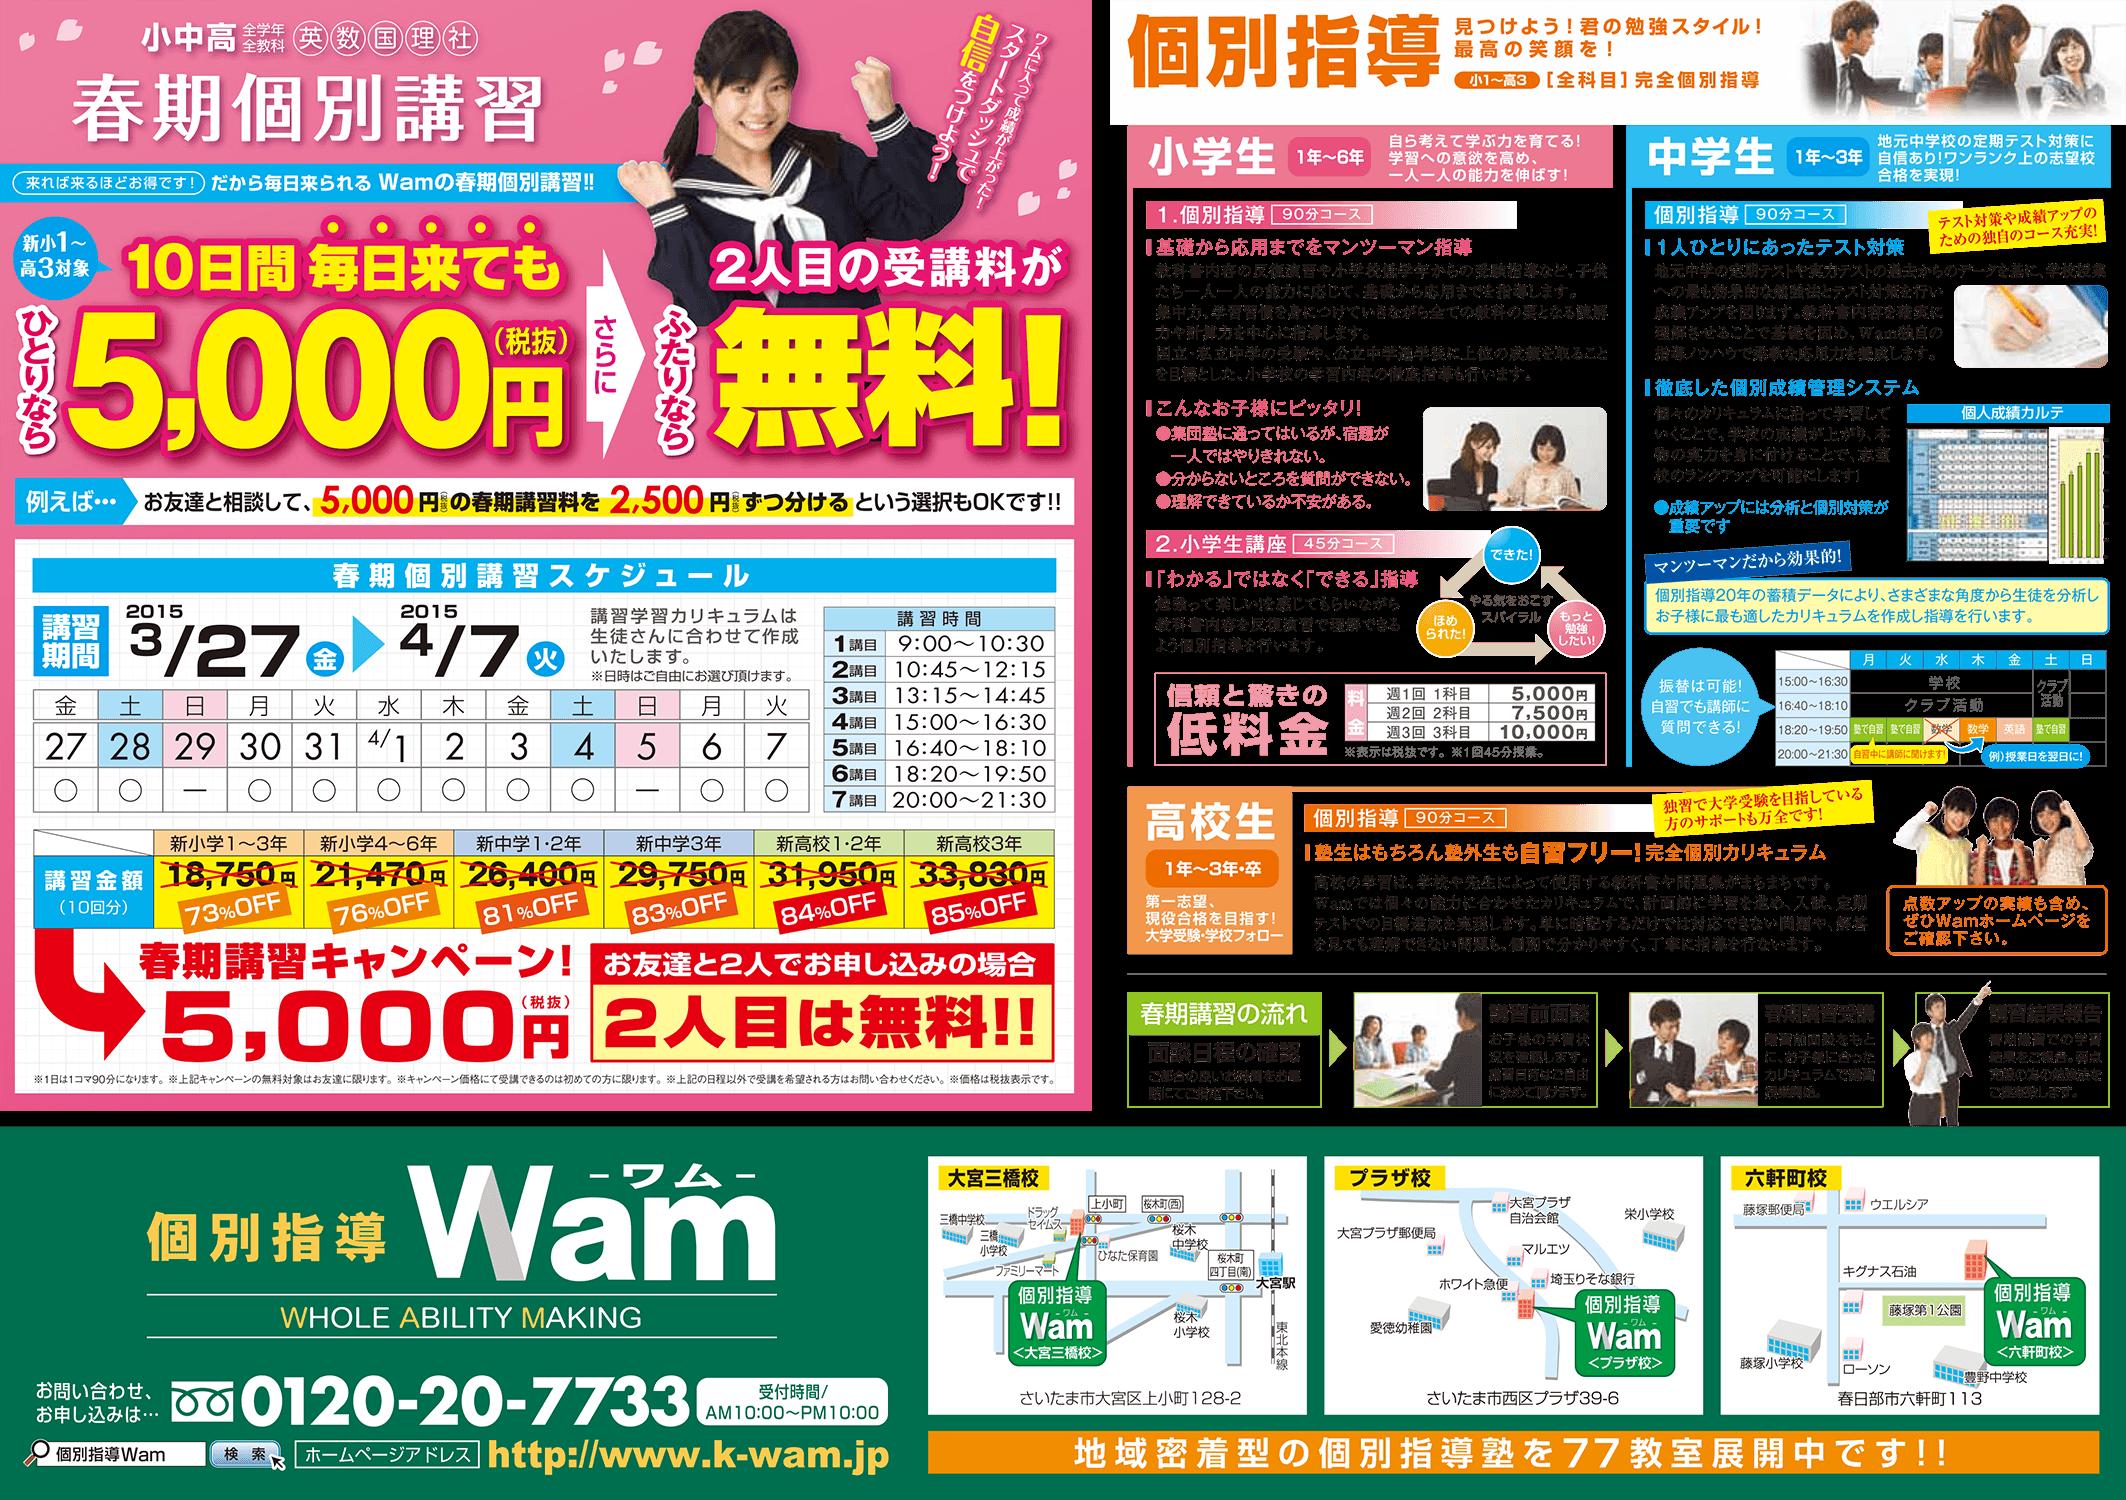 2015年春期講習 埼玉・ウラ面